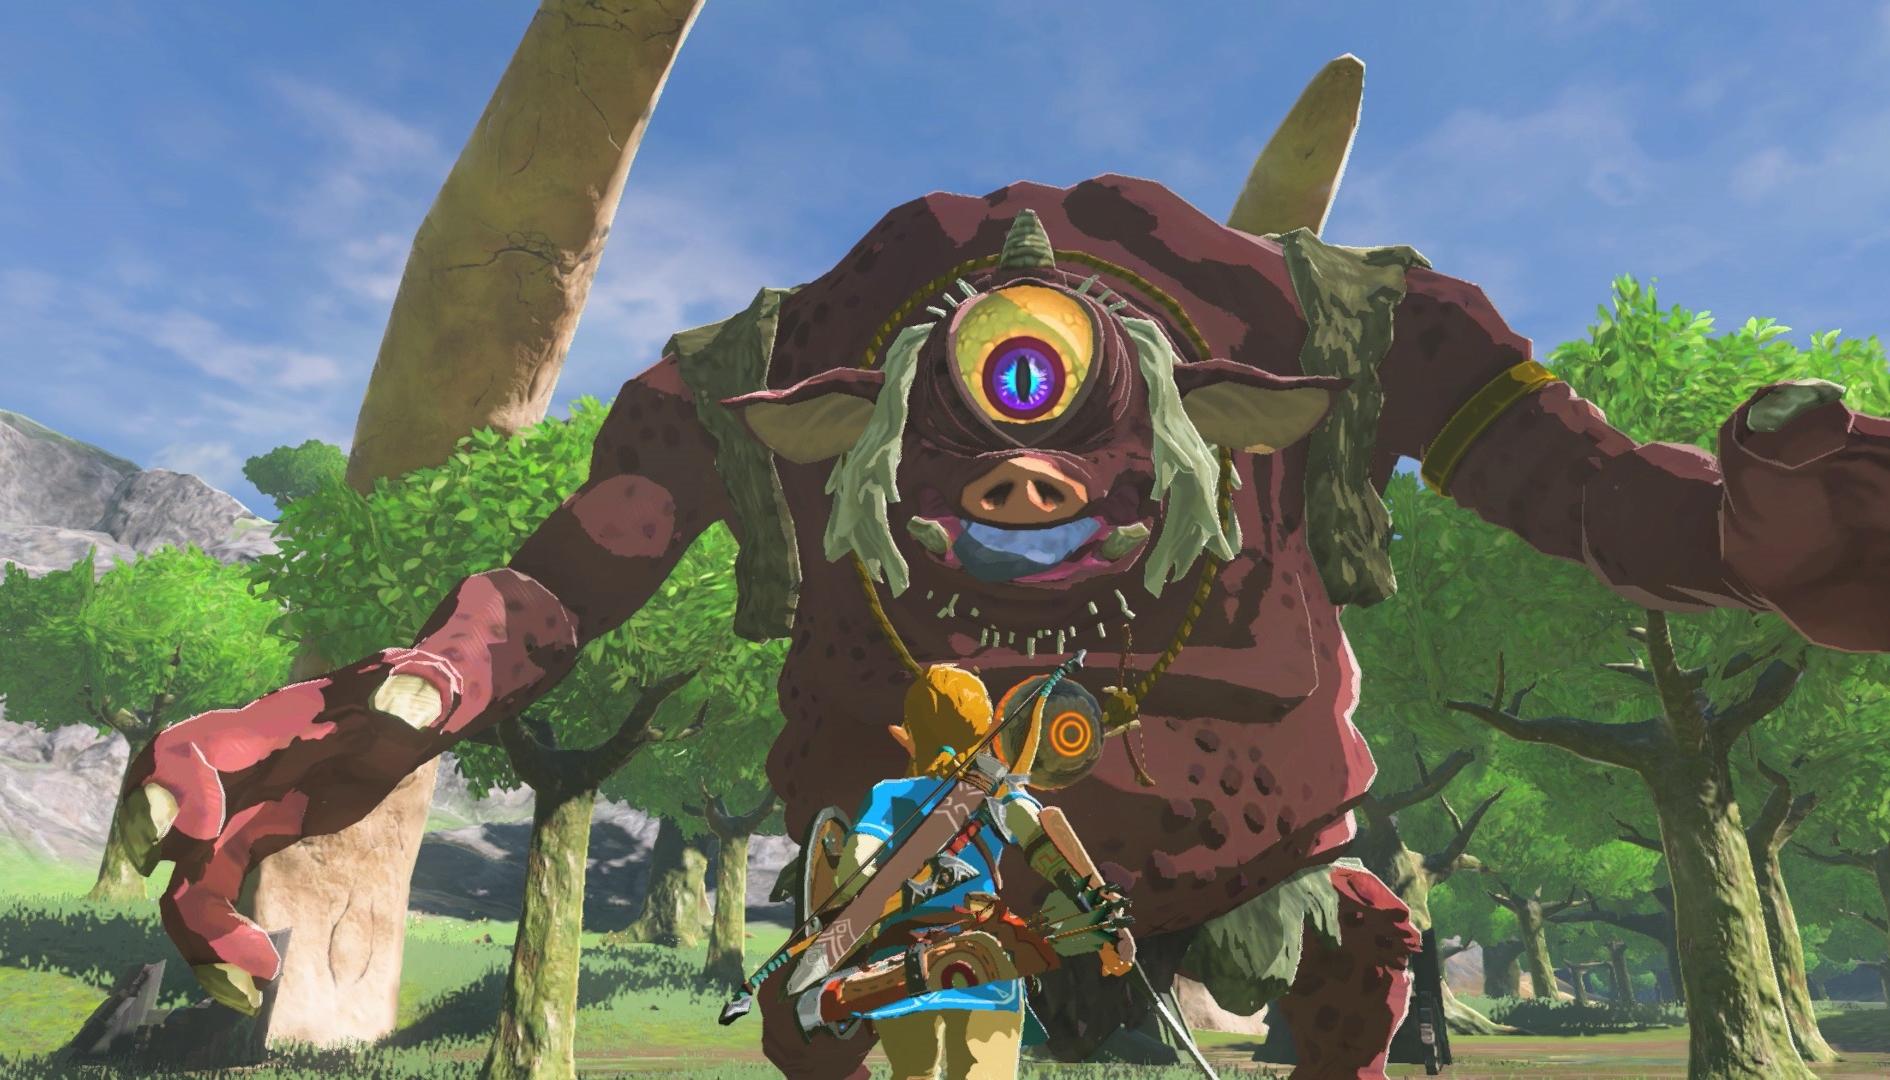 Zelda Breath of the Wild, cavalcare Sidon ovunque è possibile grazie ad un glitch